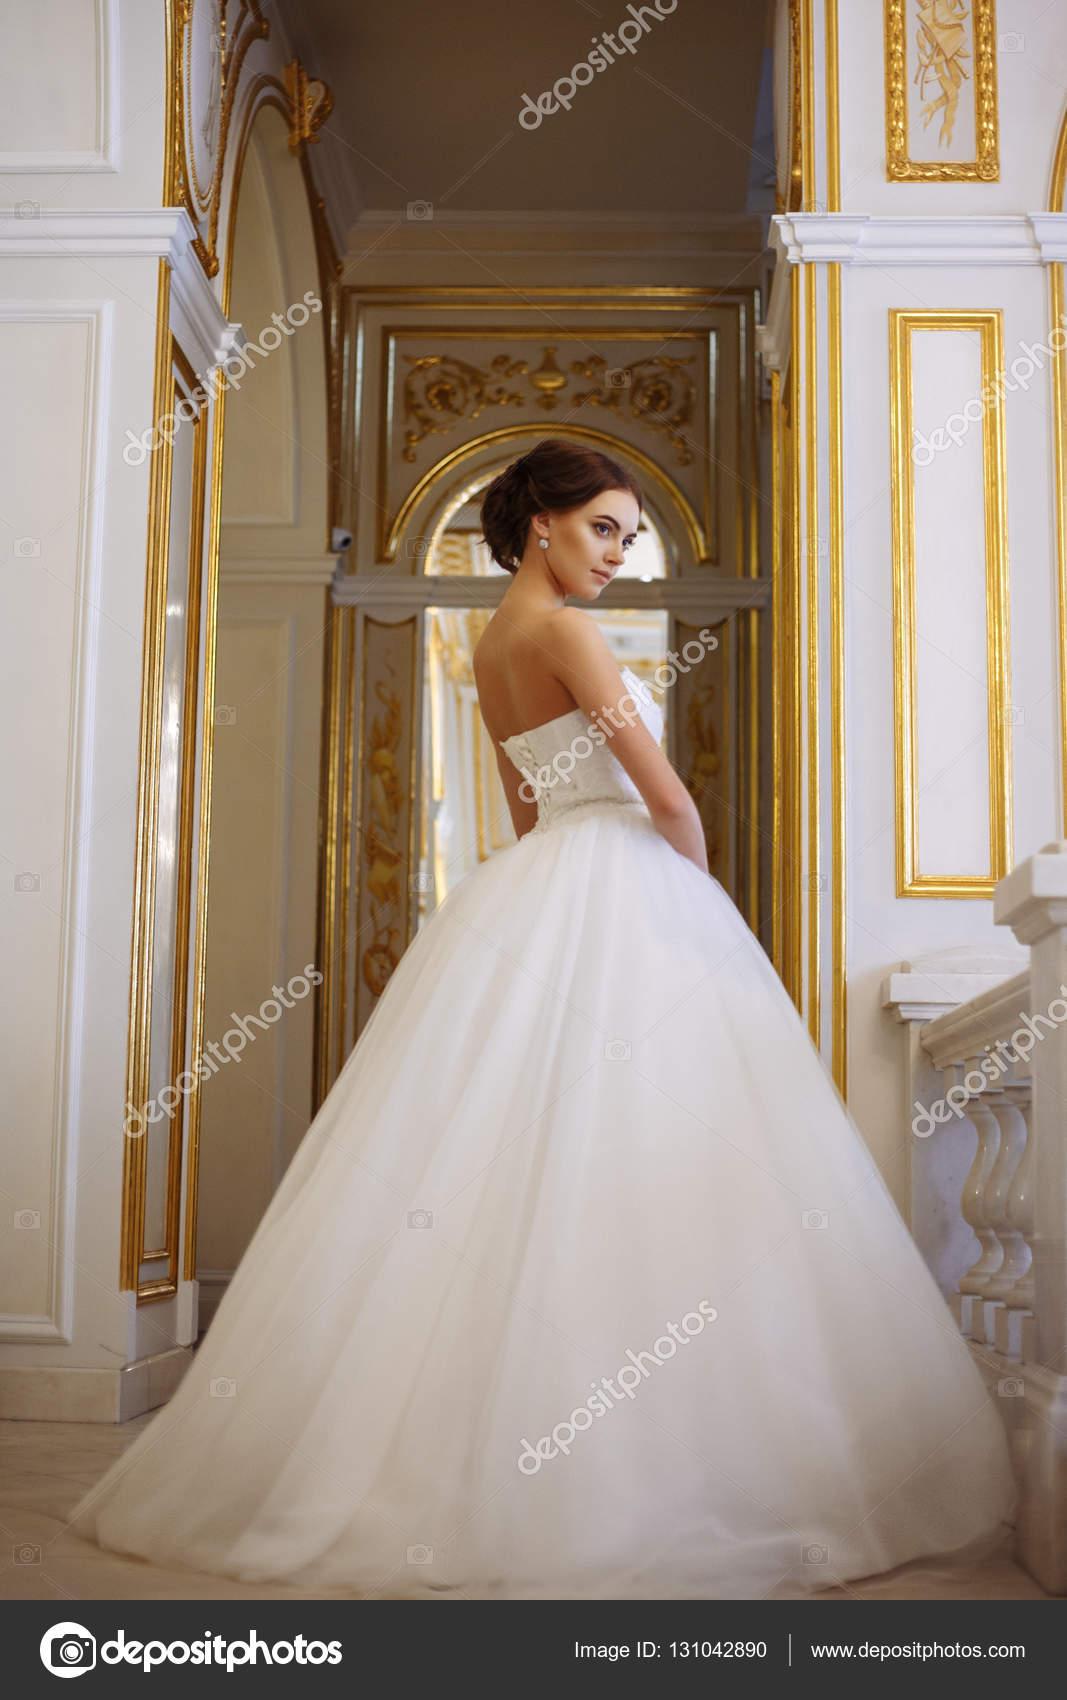 Beste Luxus Brautkleid Bilder - Brautkleider Ideen - cashingy.info